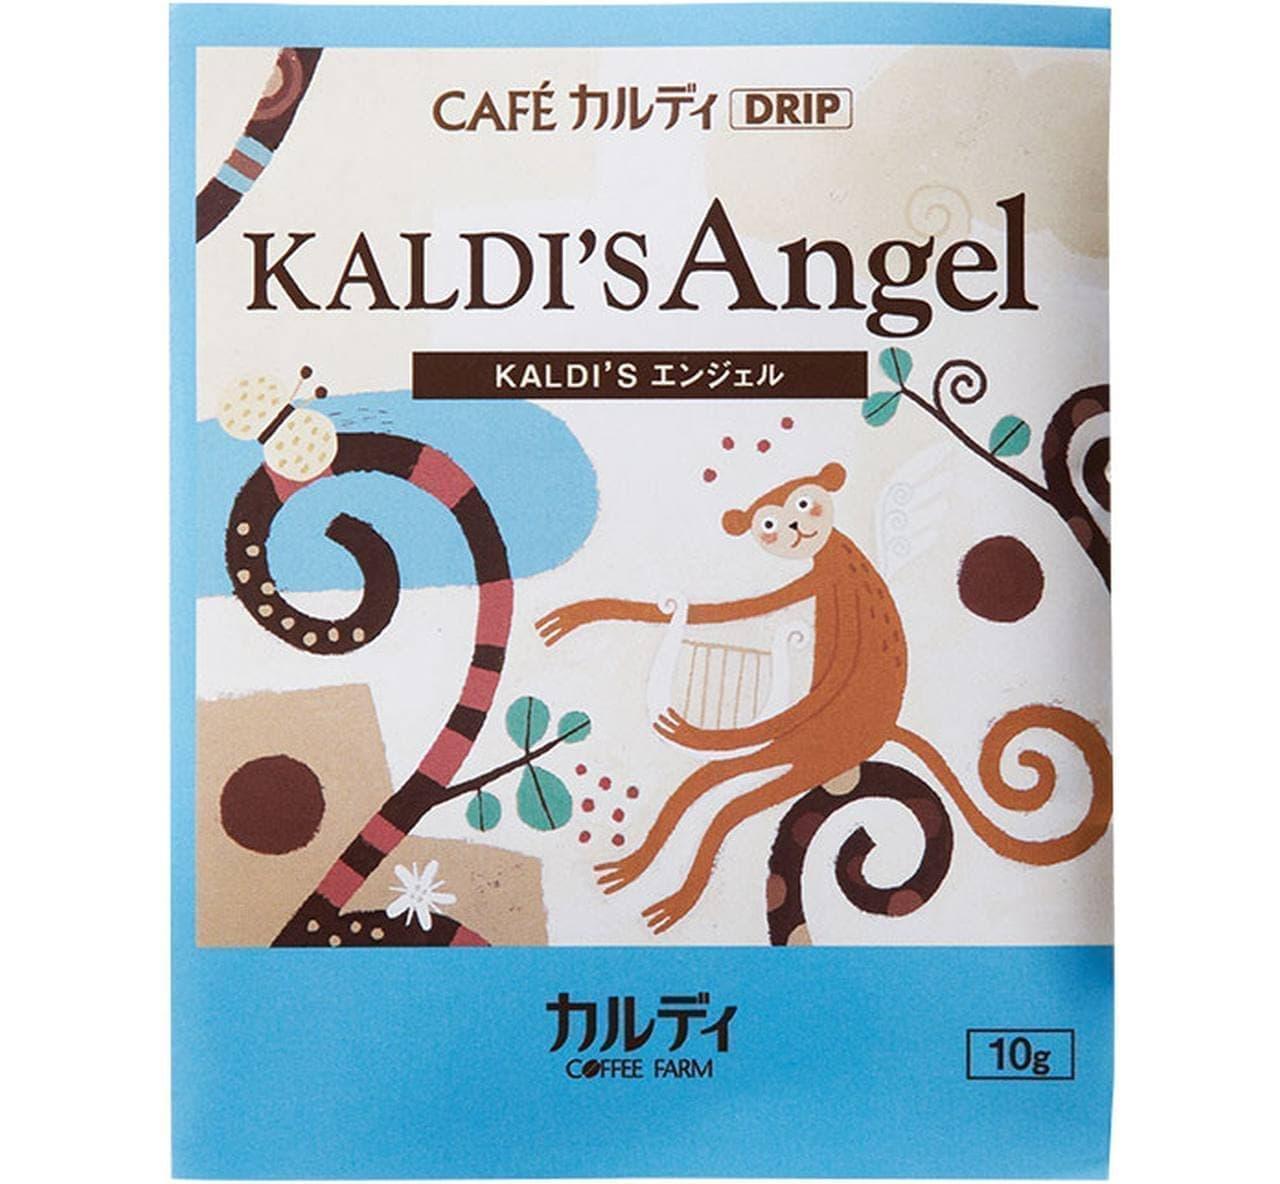 カルディ「カフェカルディ ドリップコーヒー KALDI'S エンジェル」